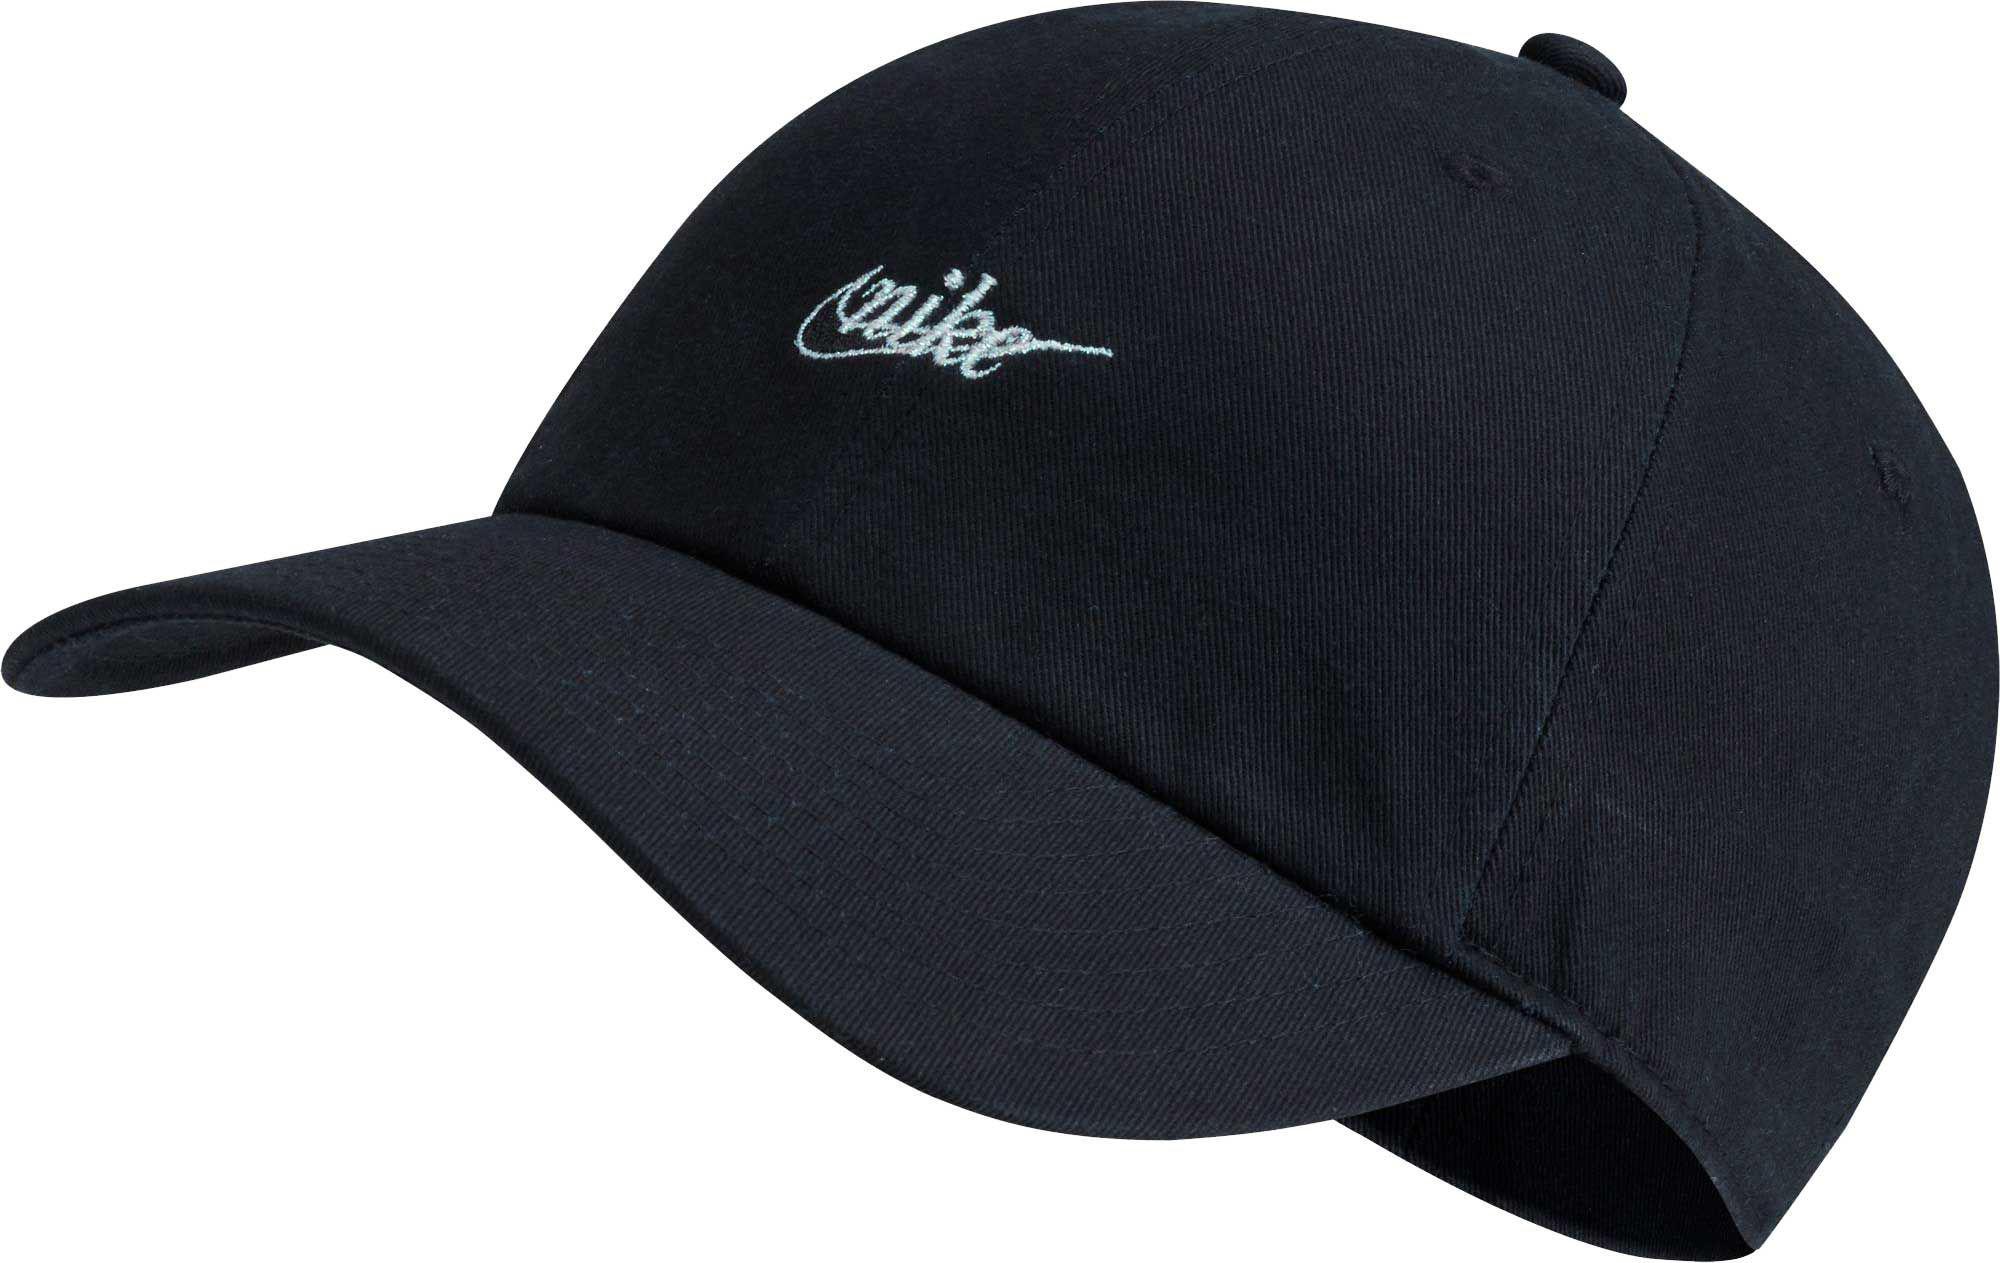 7a0703145be Lyst - Nike Sportswear Script H86 Hat in Black